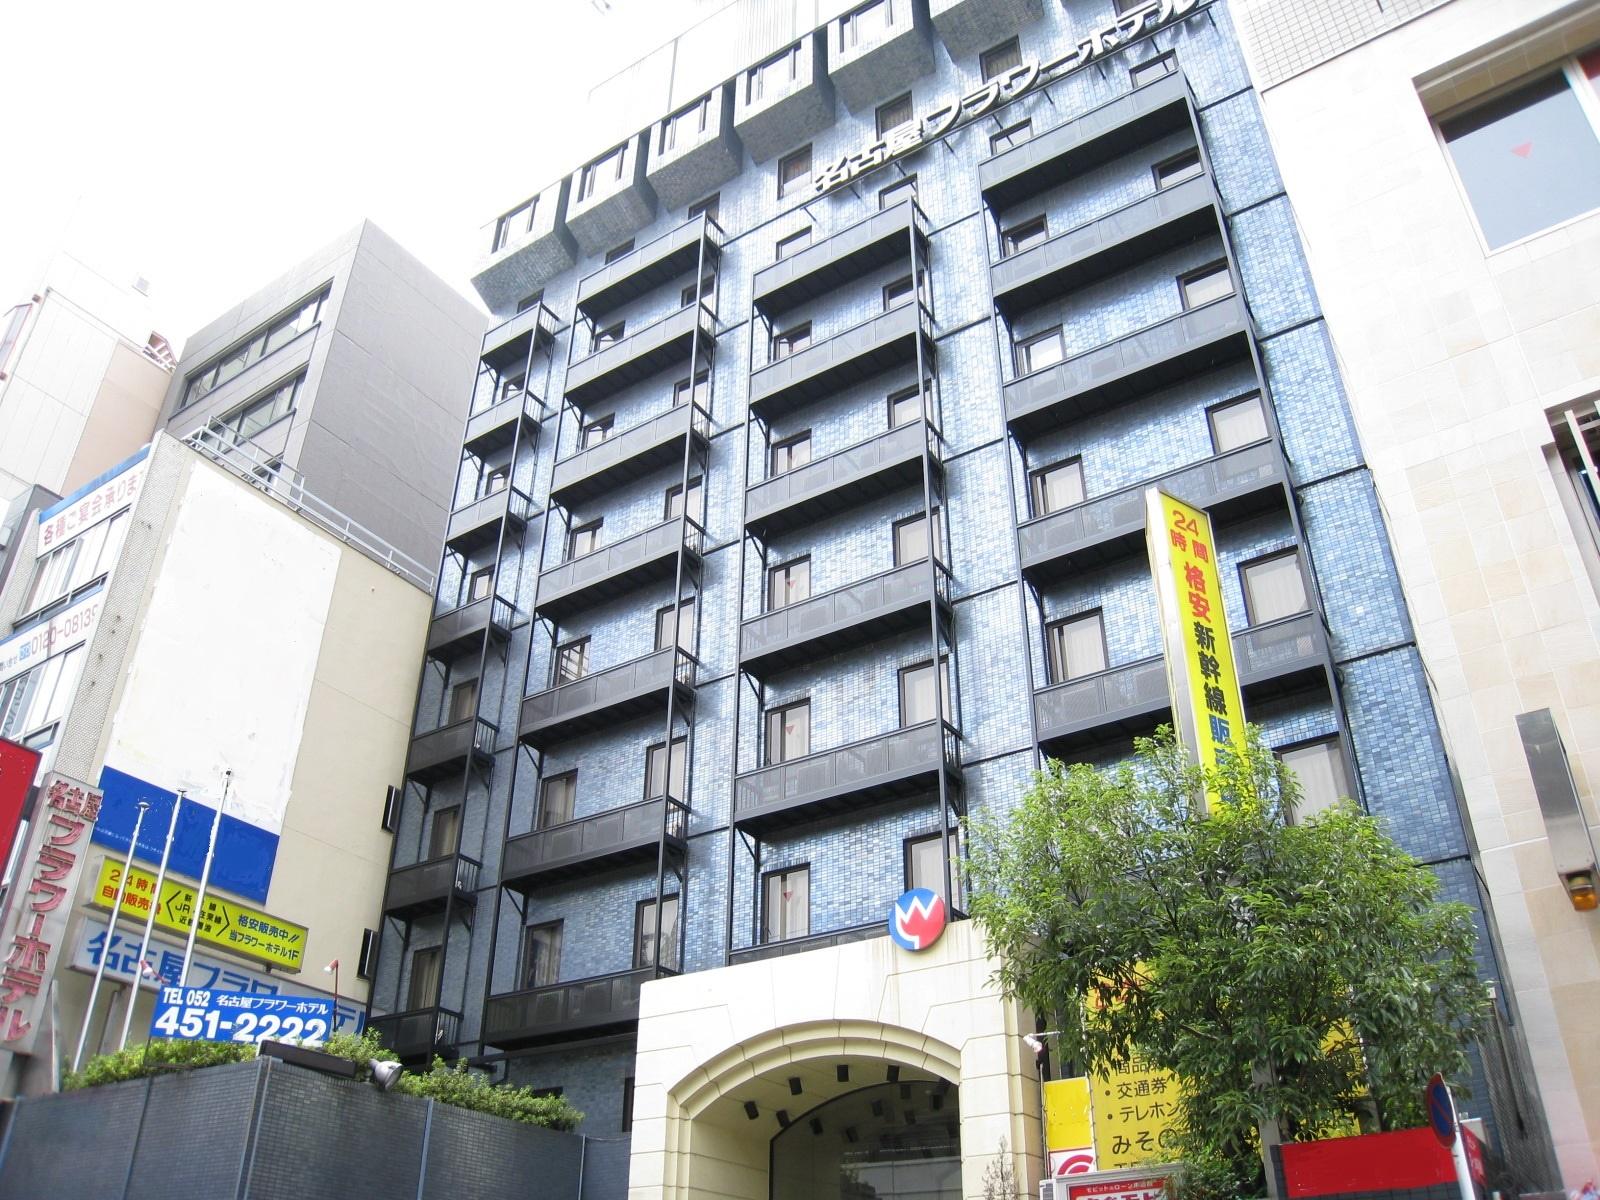 625c041efb39b8 名古屋フラワーホテル新幹線に一番近い 徒歩1分の便利でエコノミーなビジネスホテルです 格安チケット販売店あり コンビニも徒歩1分です